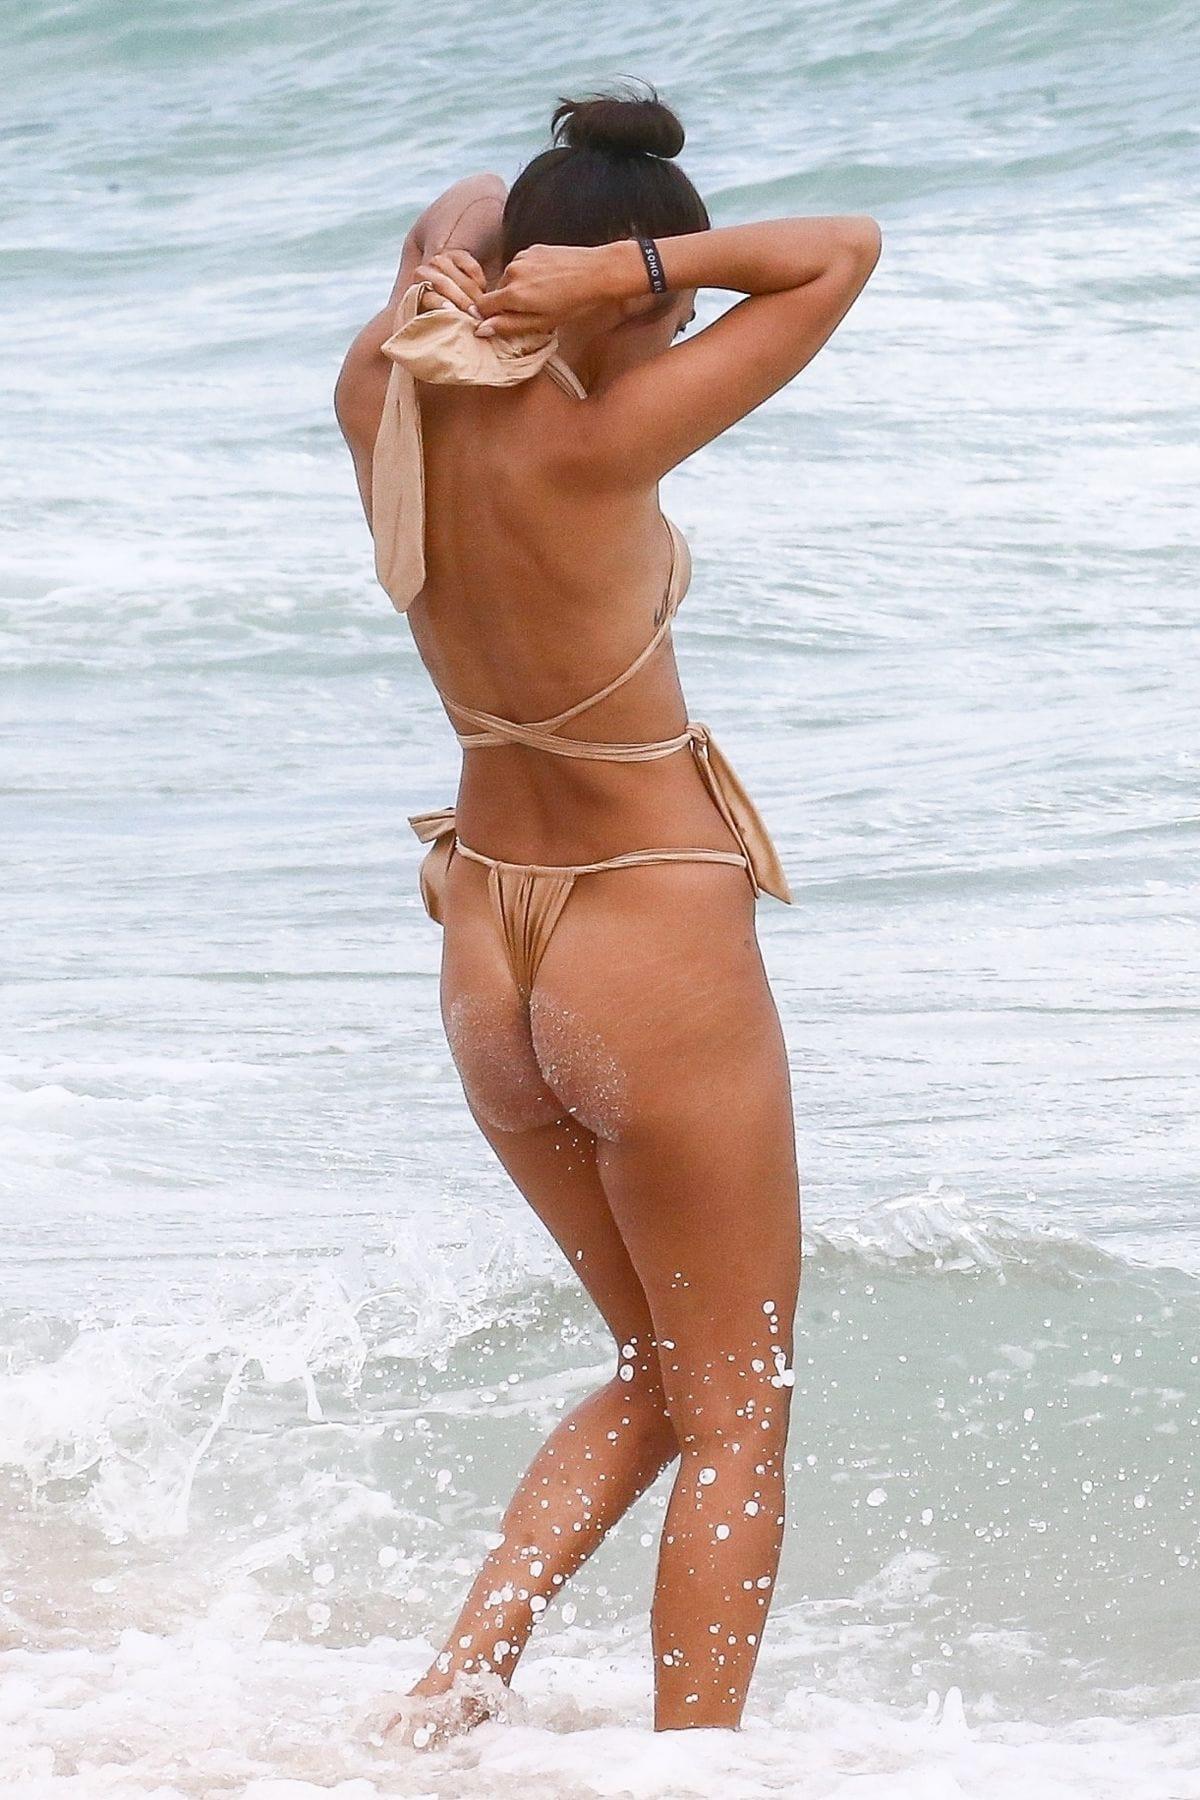 Ambra Gutierrez Sexy Body In Bikini